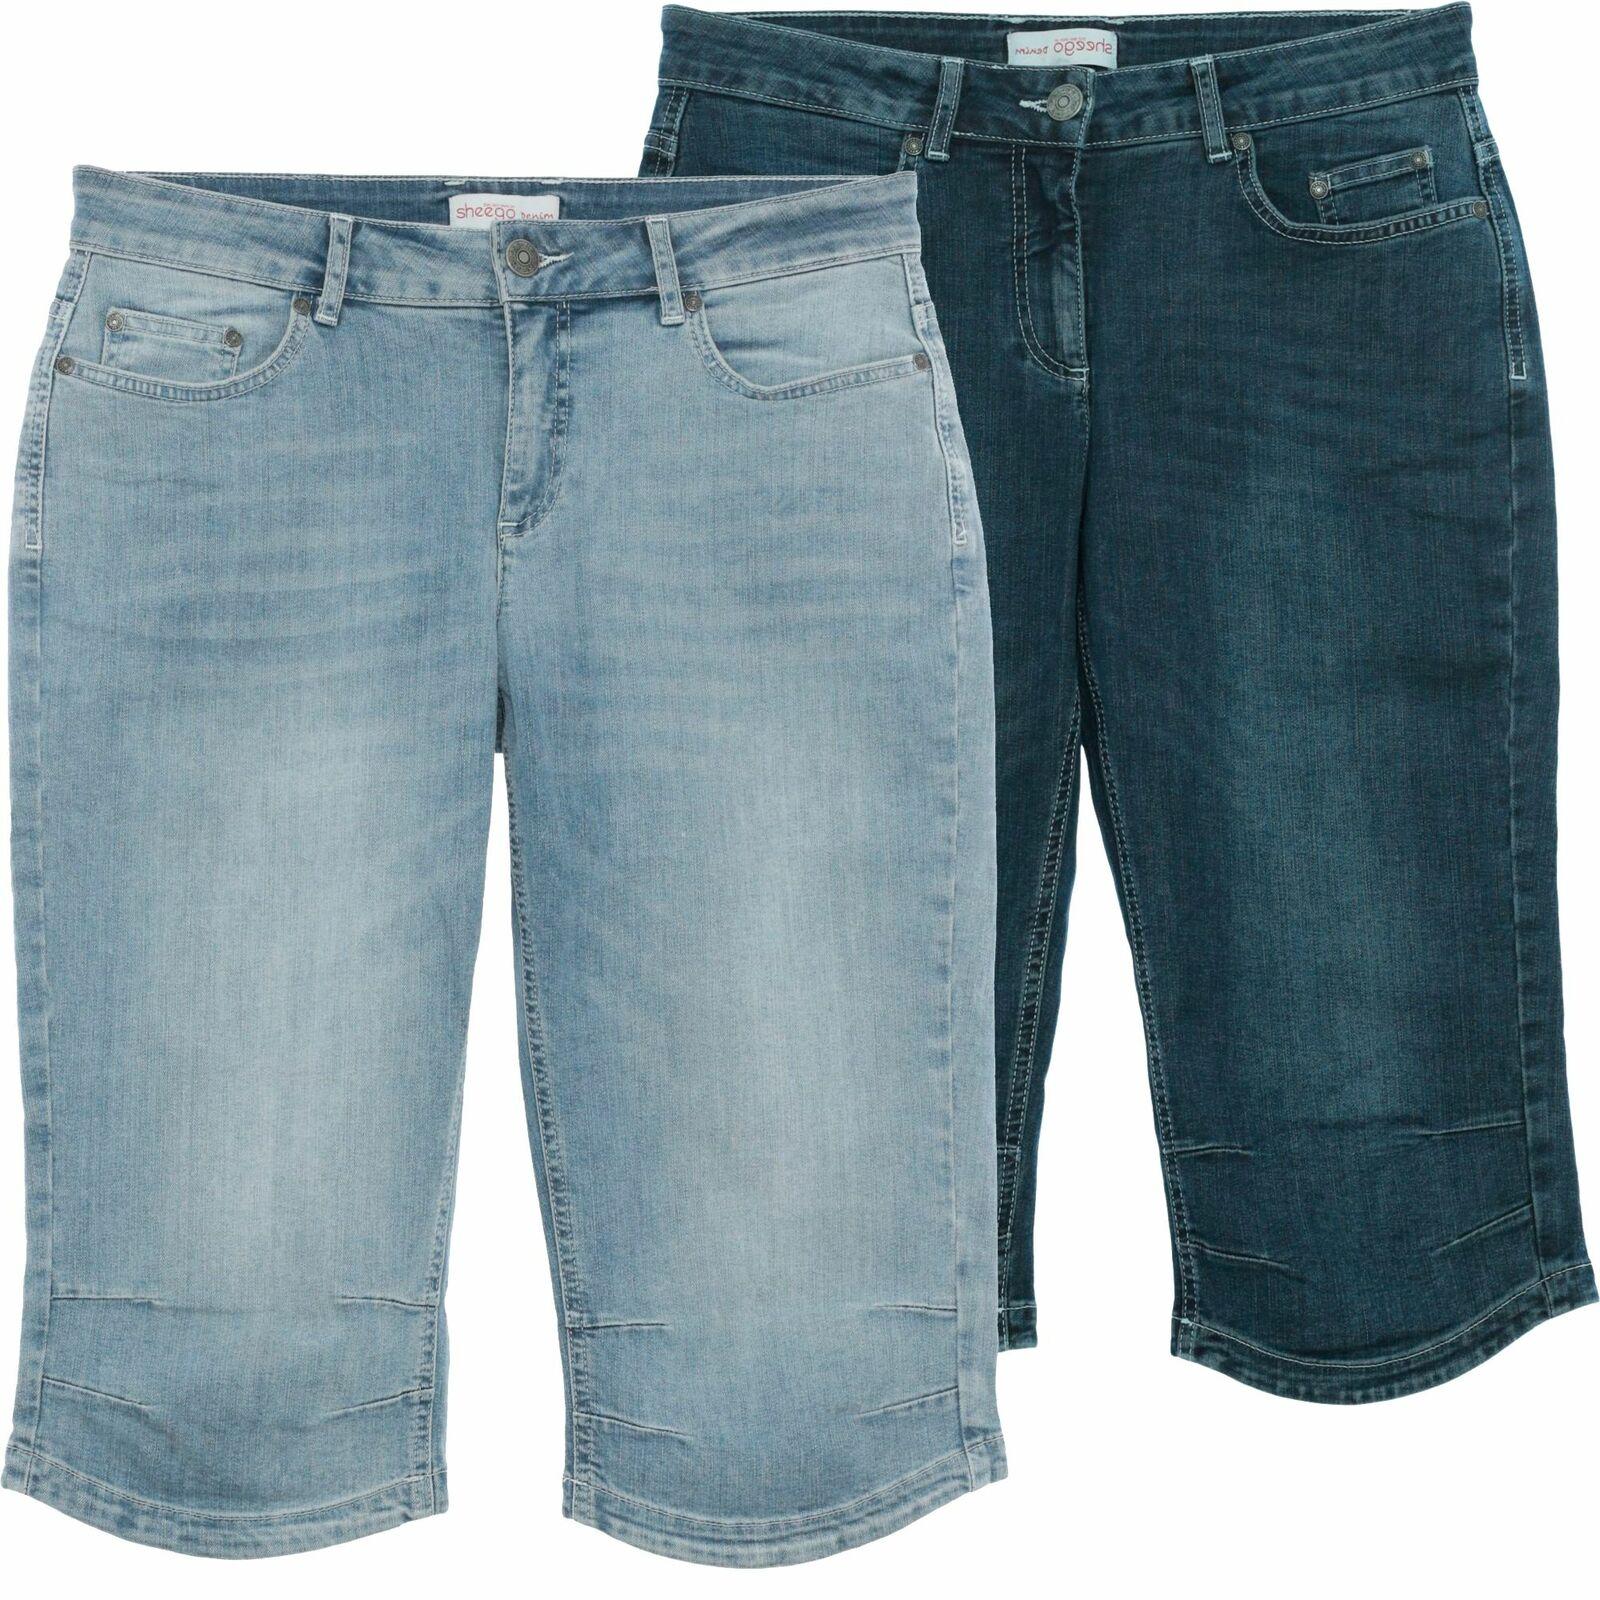 536a31974106 Jeans Damen Kurze Grösse Test Vergleich +++ Jeans Damen Kurze Grösse ...